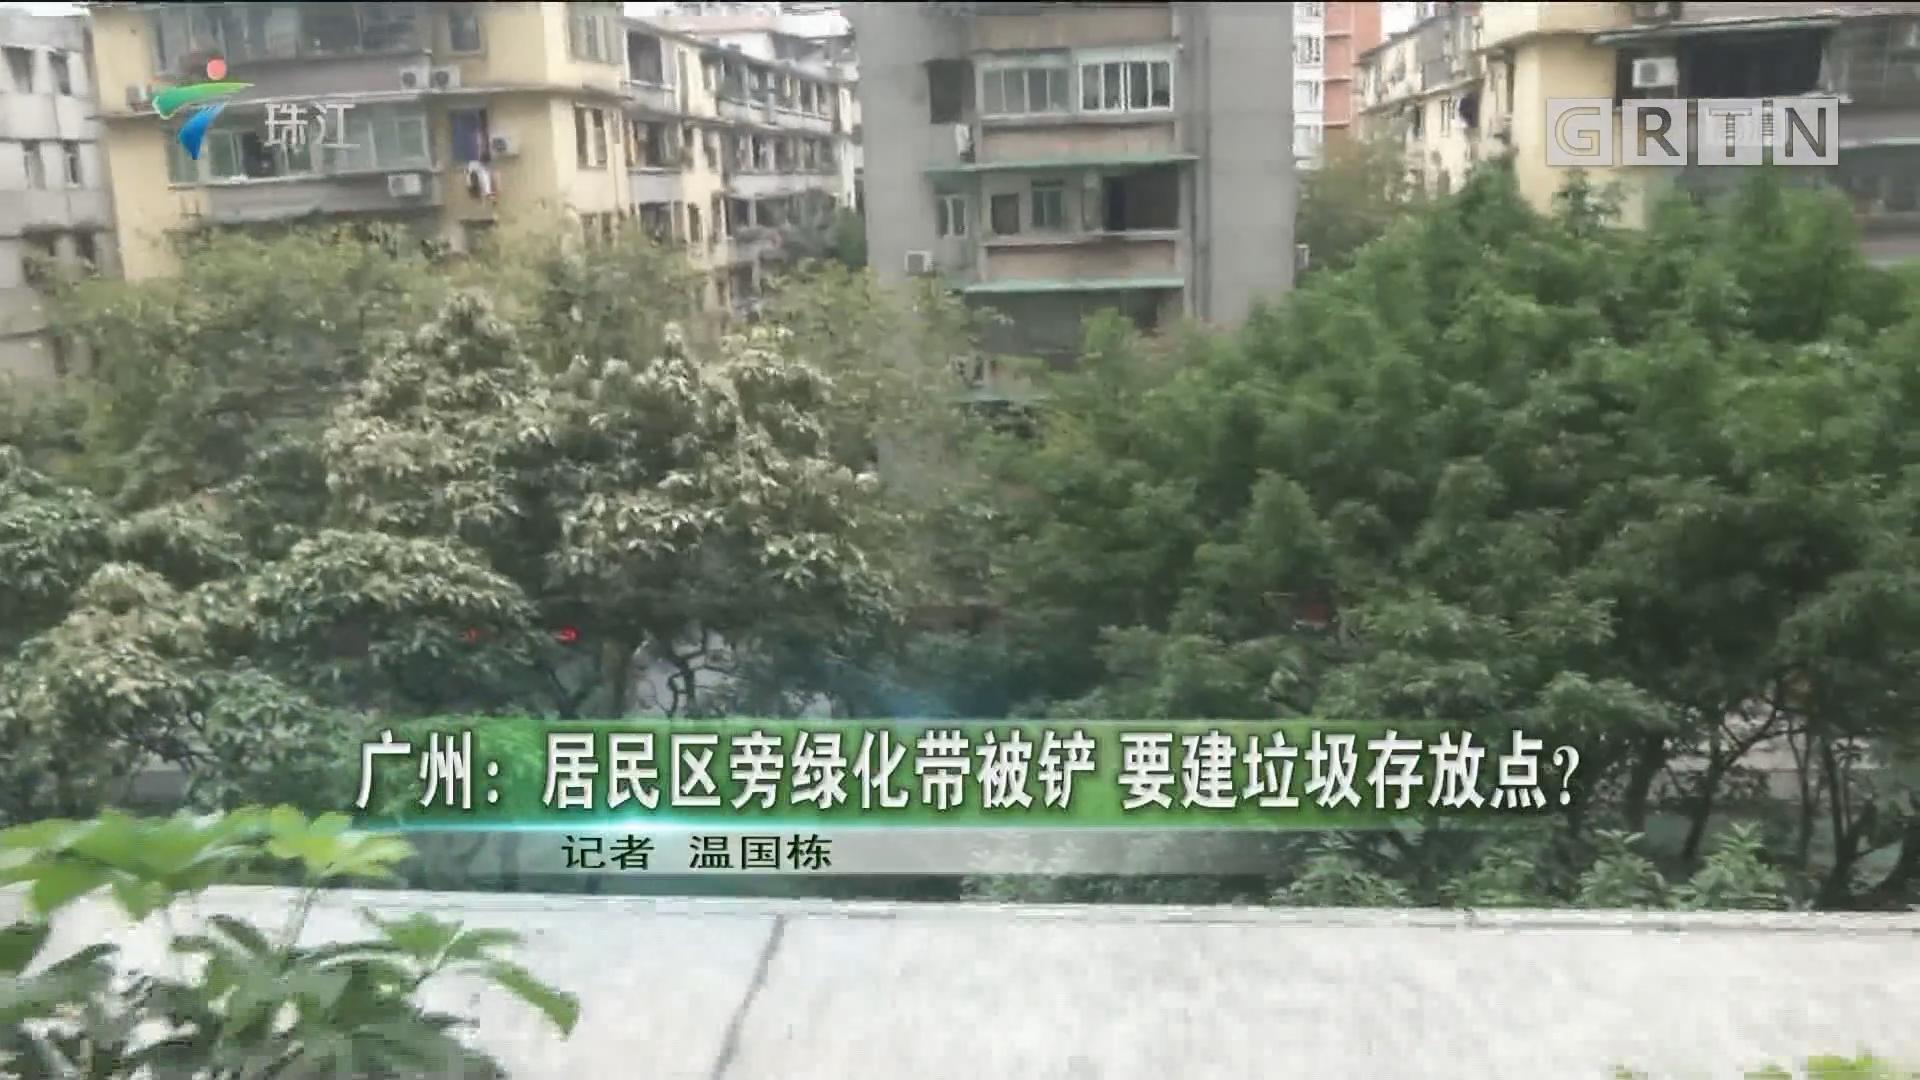 广州:居民区旁绿化带被铲 要建垃圾存放点?